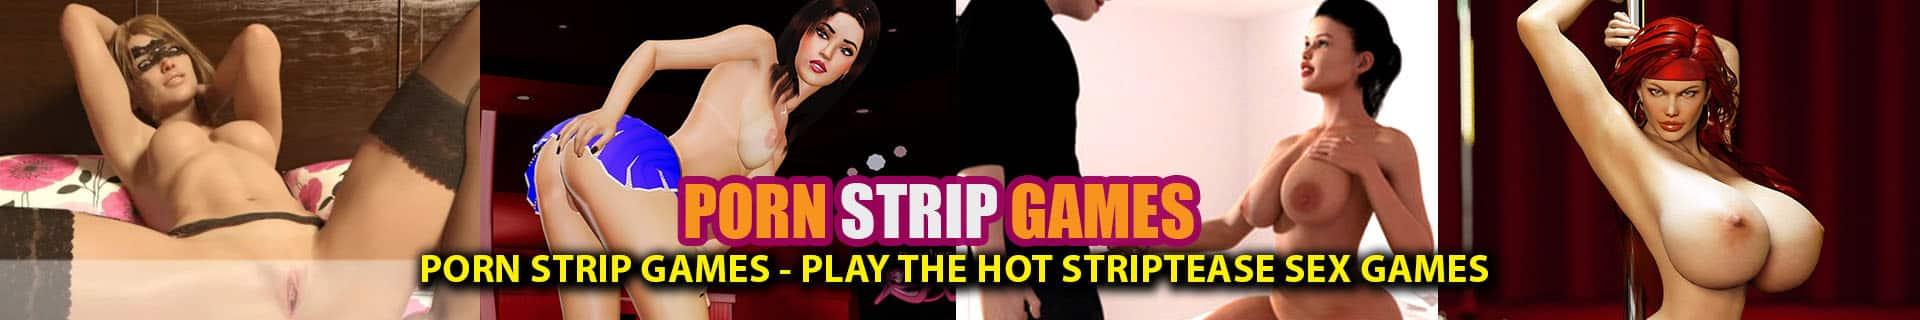 Erotic Strip Games